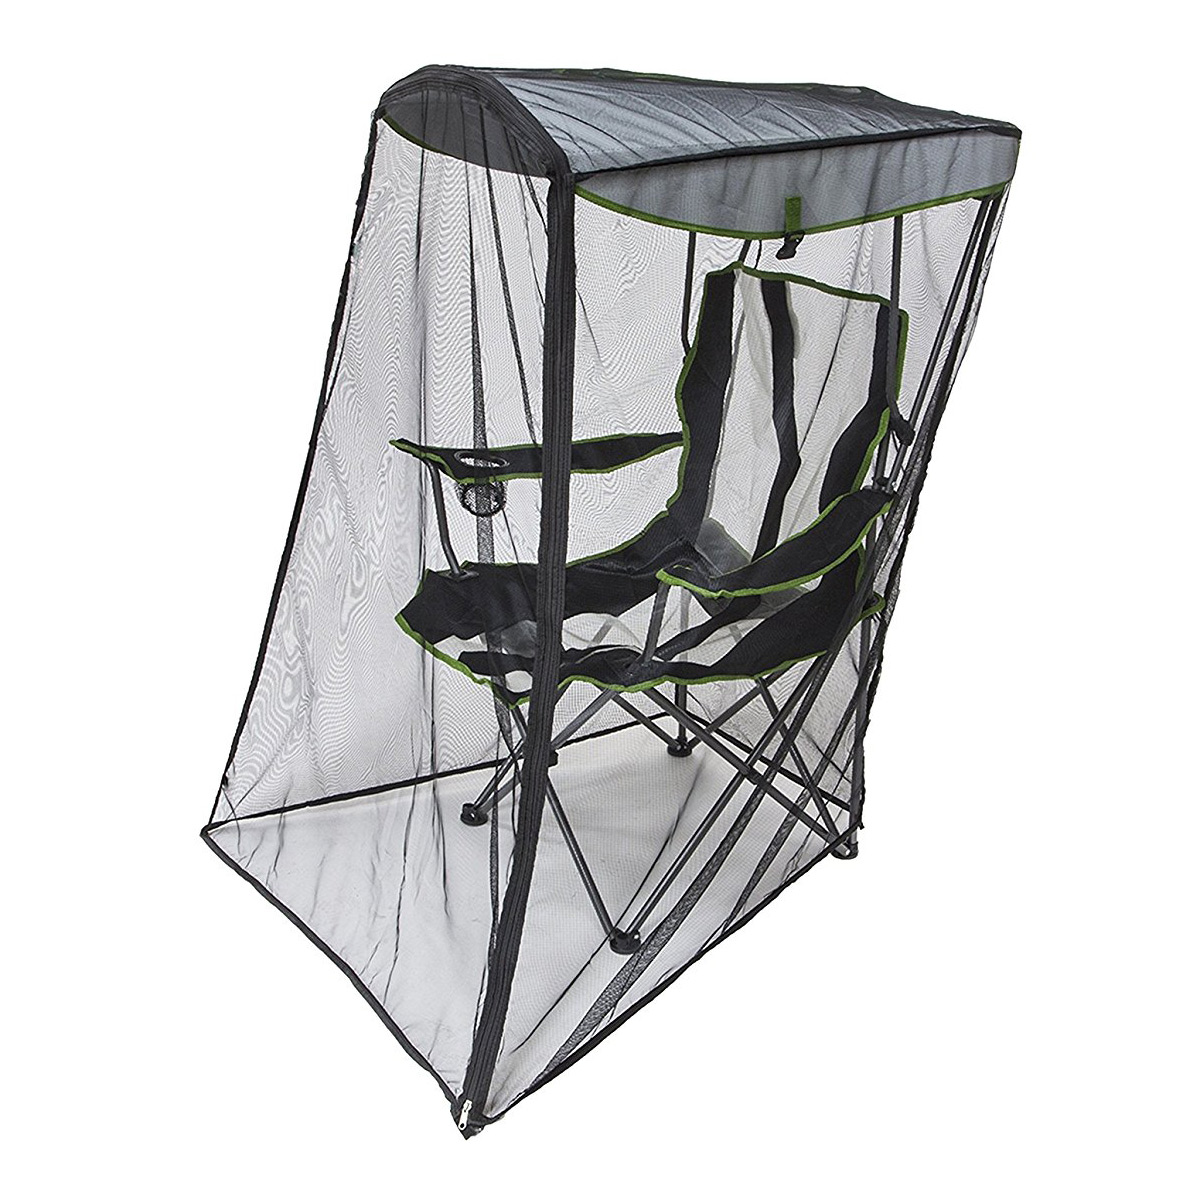 kelsyus canopy chair 28 images kelsyus original canopy  : kelsyus canopy chair with removable mosquito bug net 2 from montereysecurity.us size 1200 x 1200 jpeg 289kB